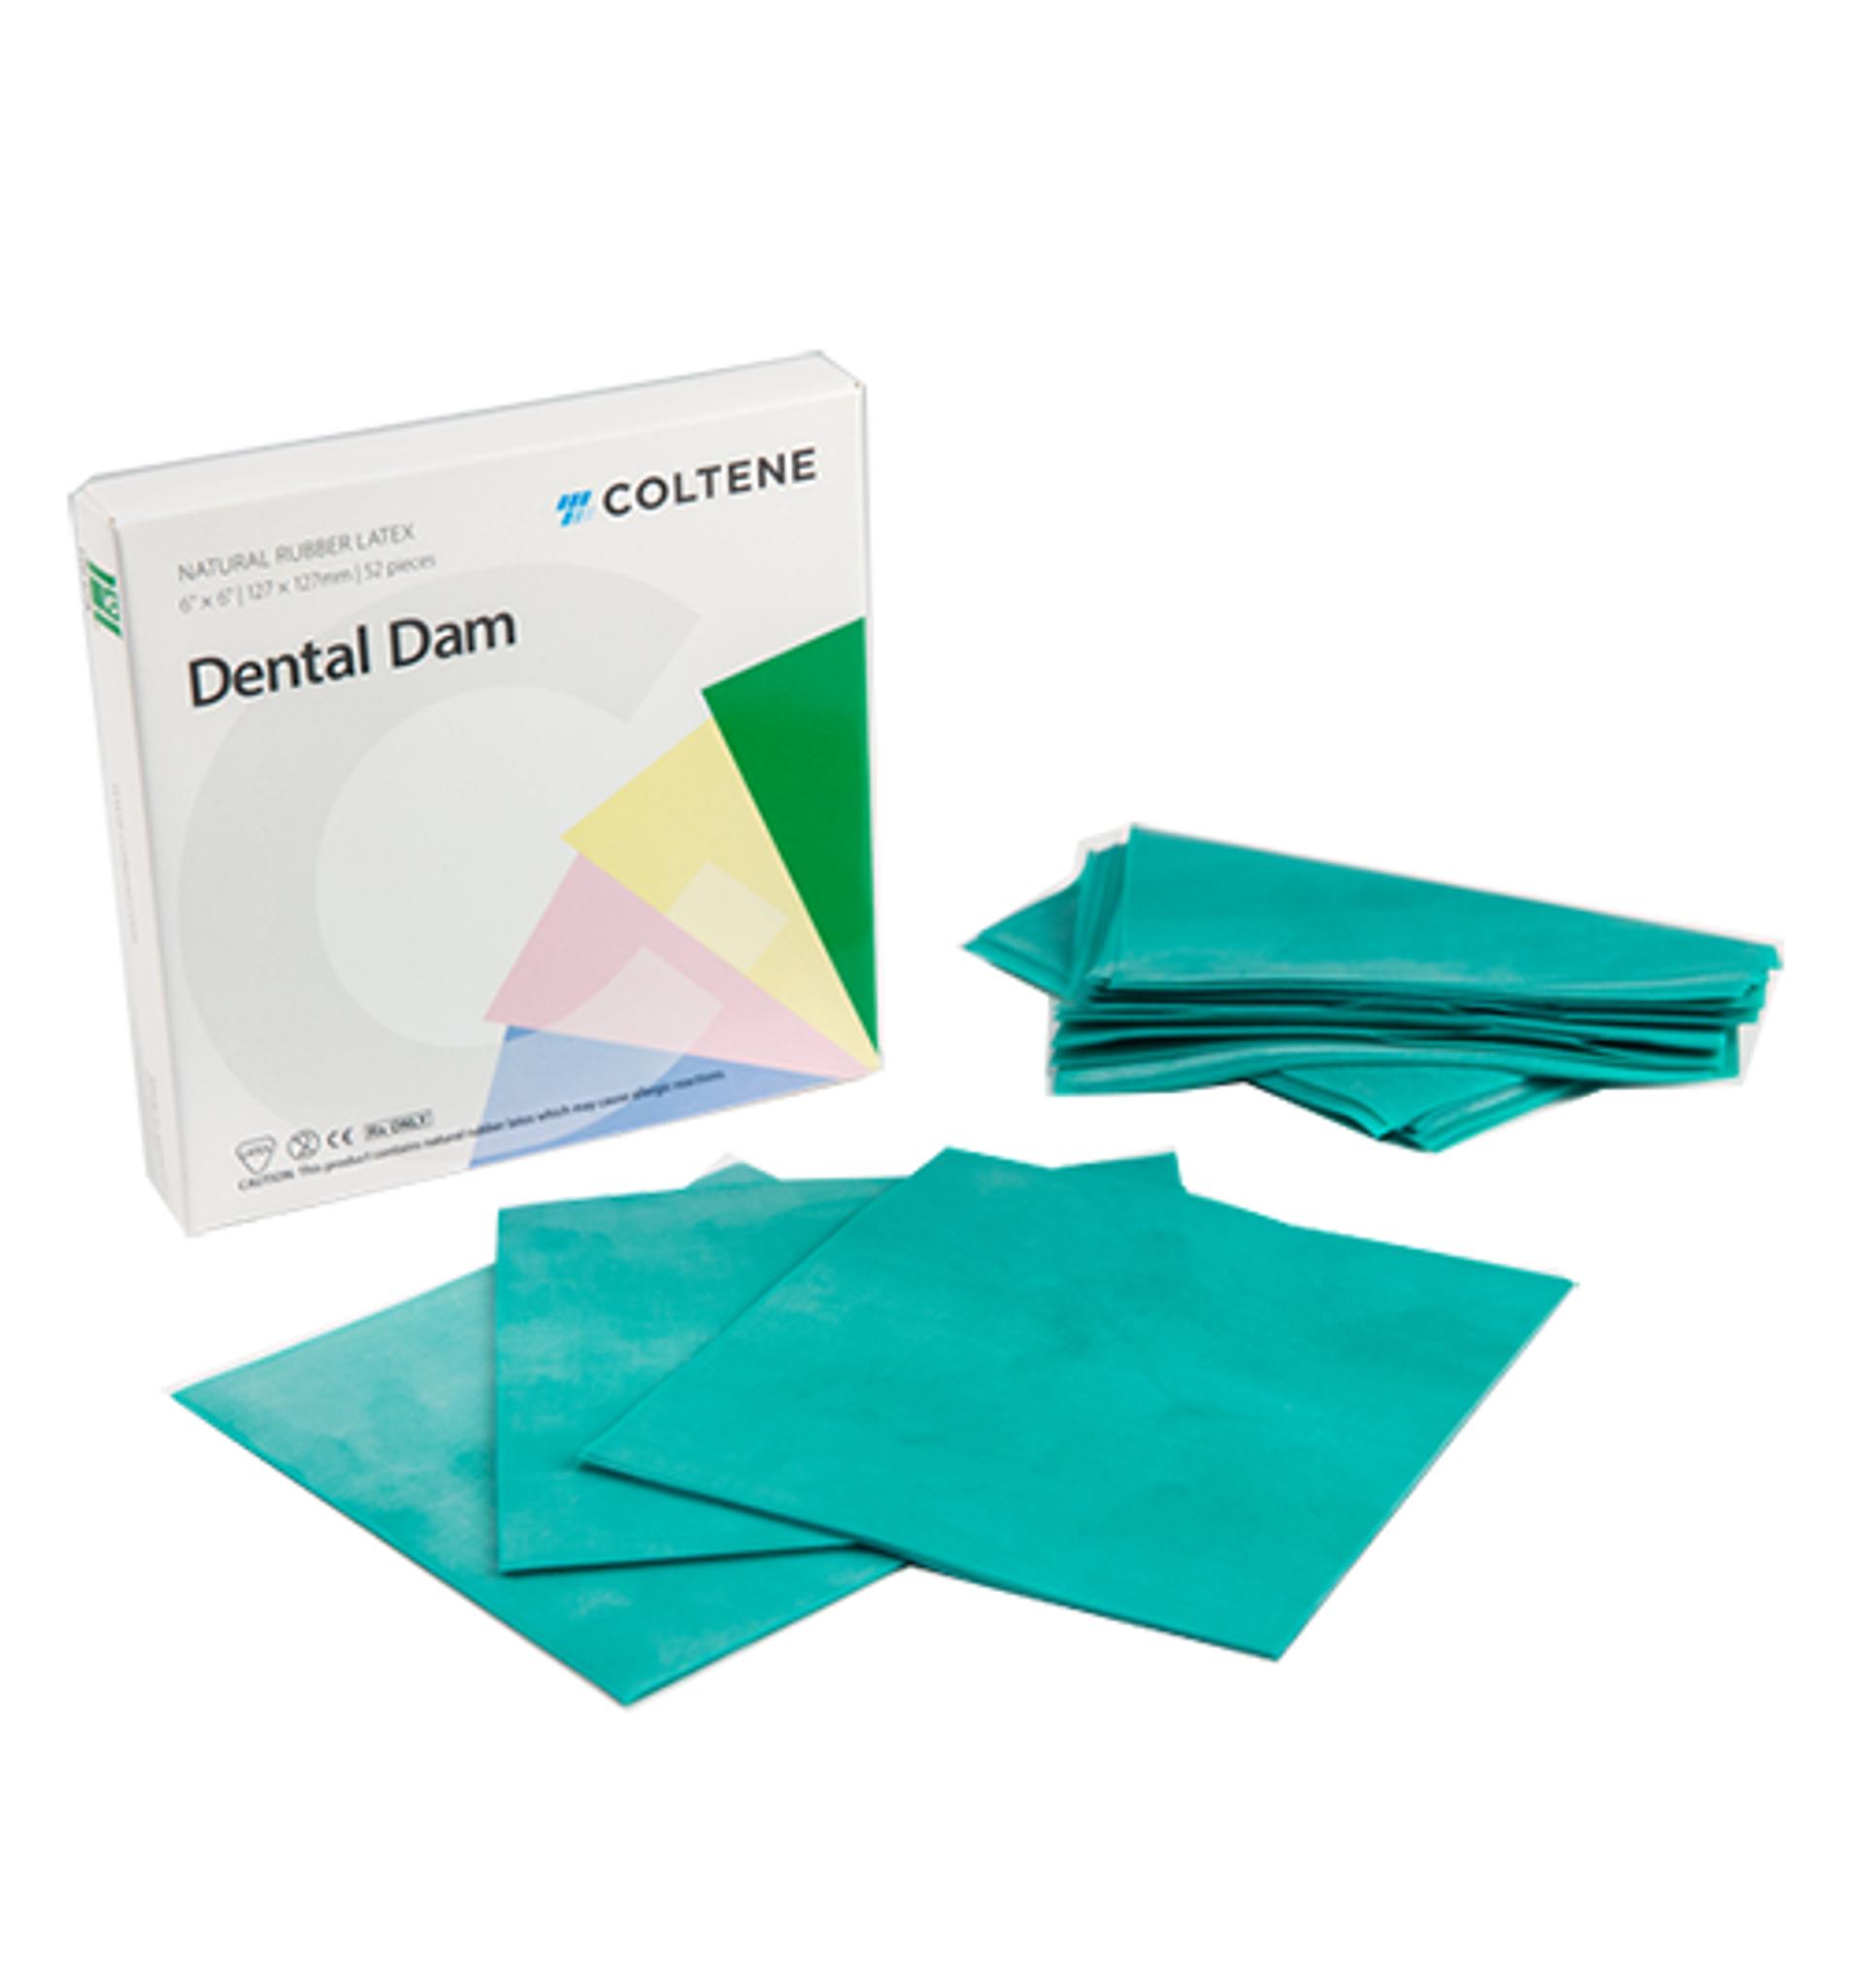 Hygenic Latex Dental Dam - Adult, Ready Cut, 6 x 6, 36